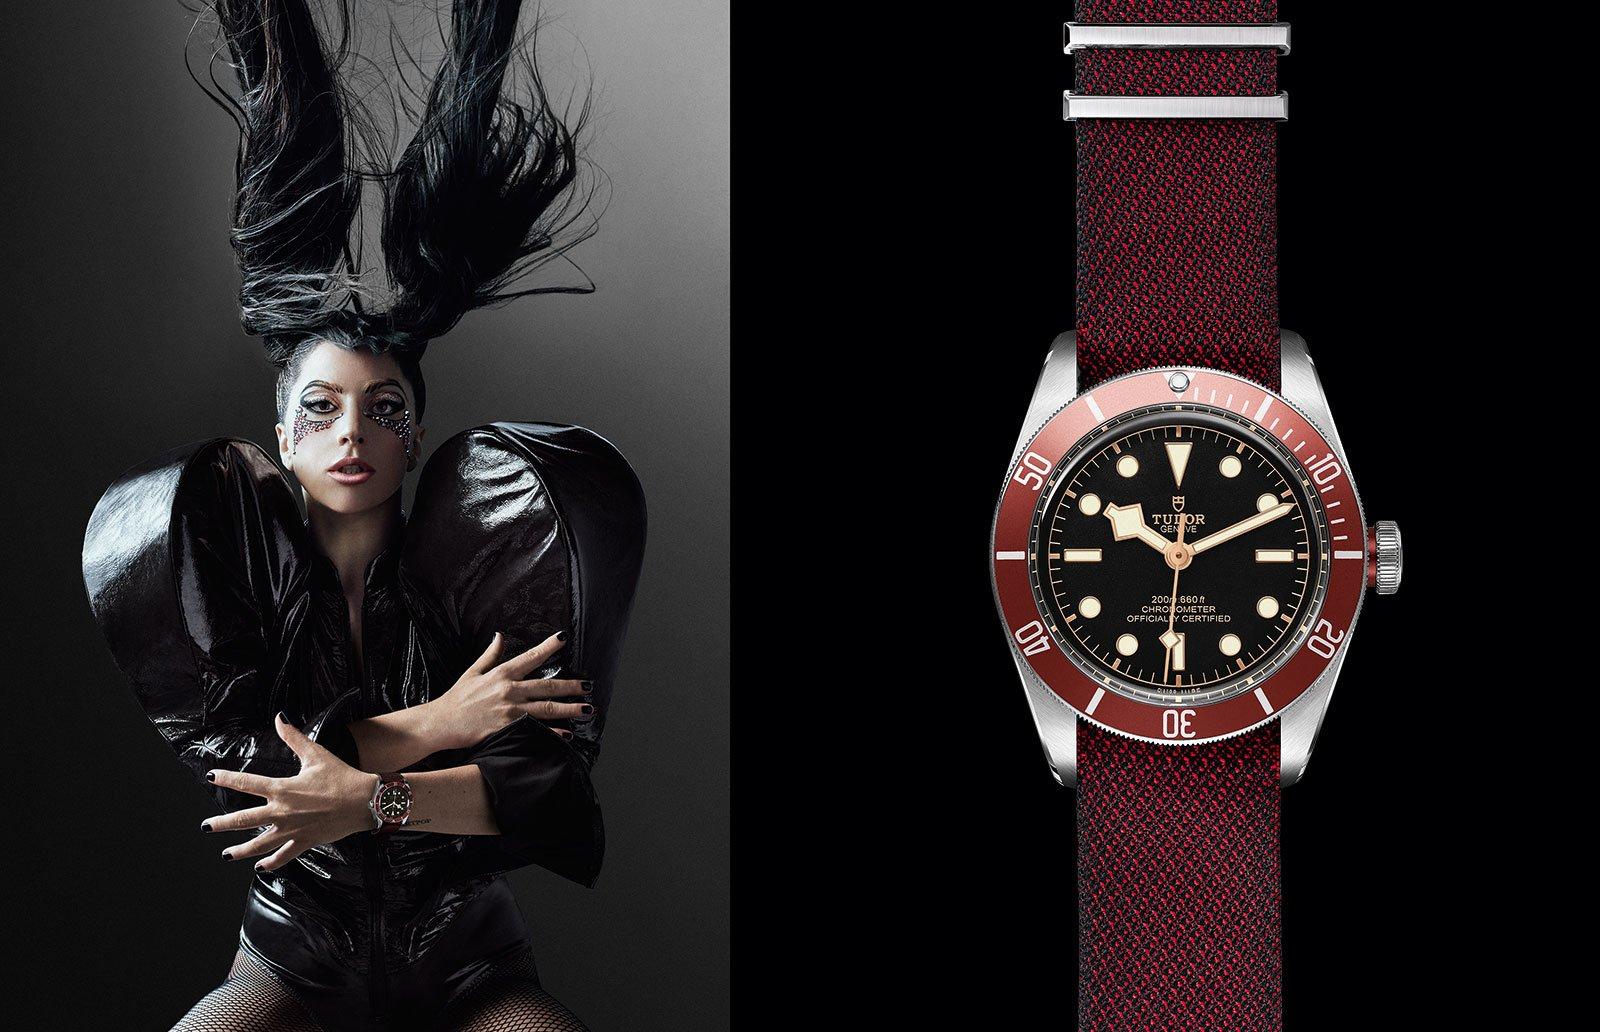 Леди Гага стала новой посланницей бренда Tudor